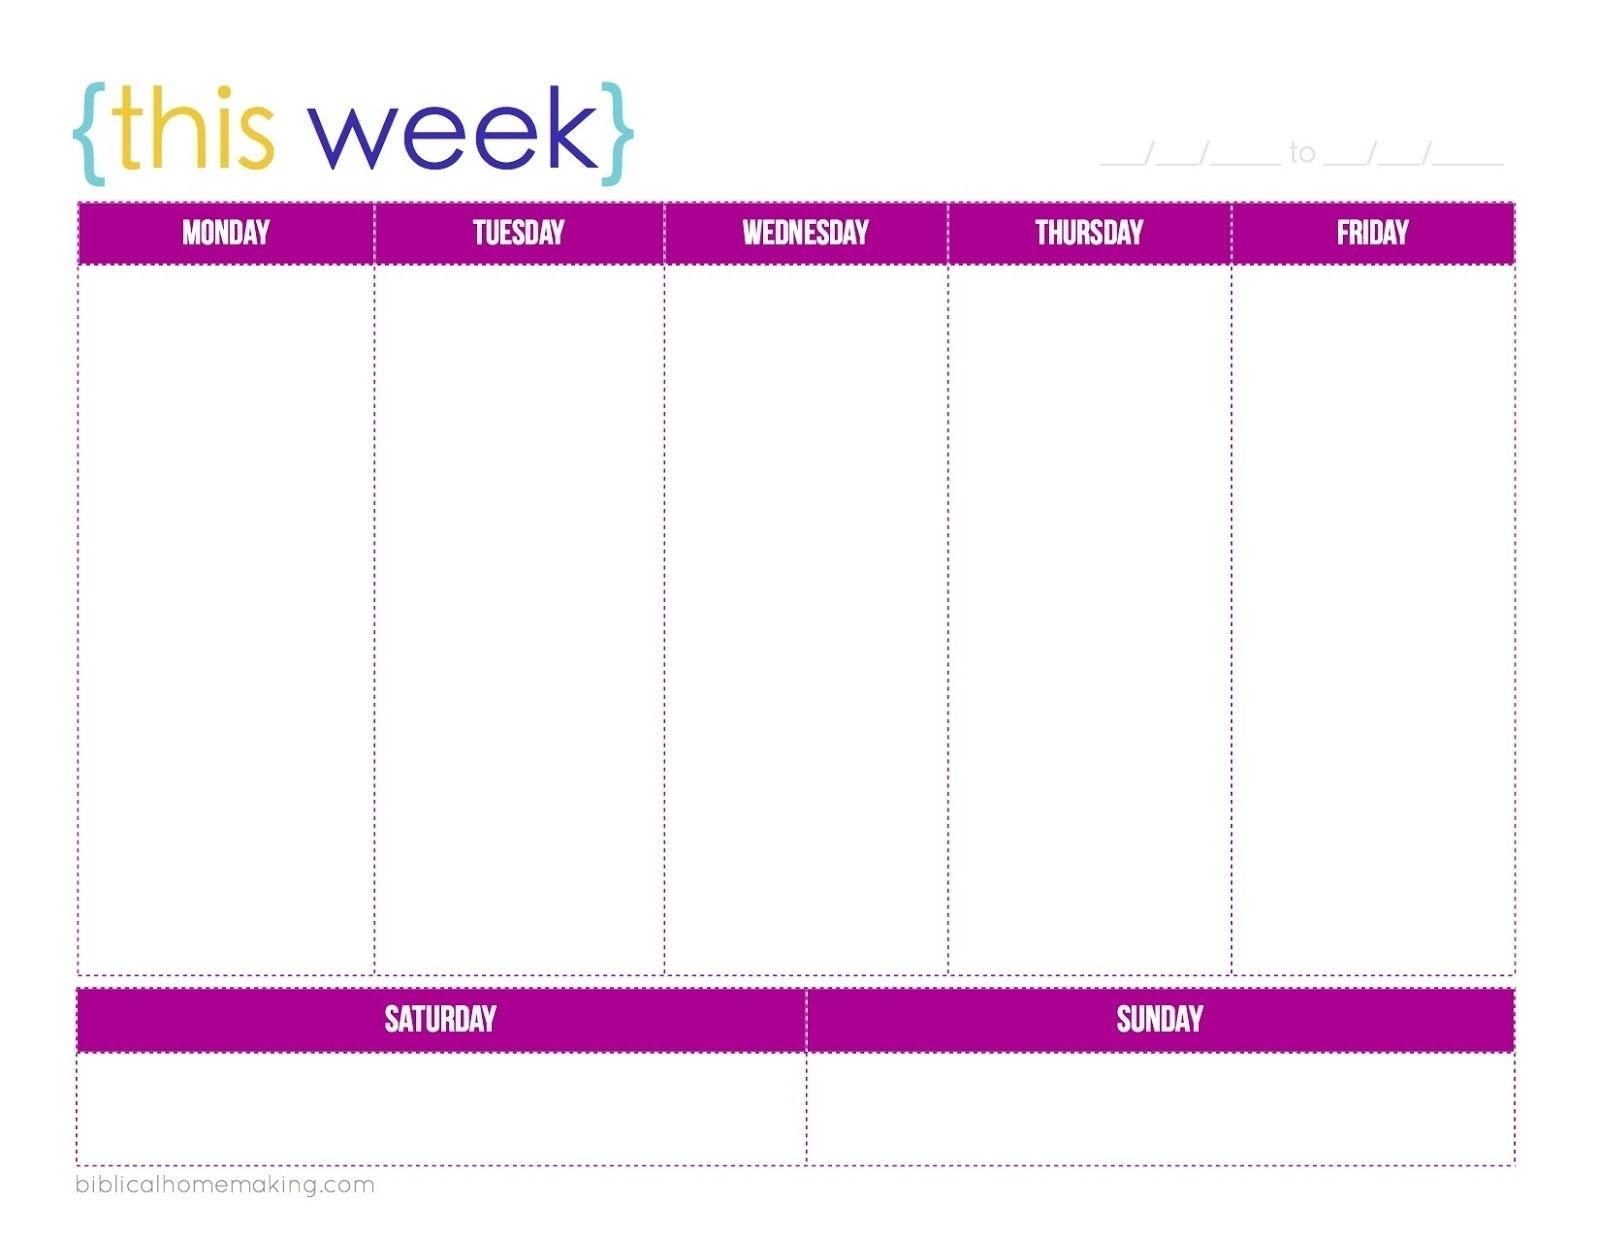 This Week A Free Weekly Planner Printable Biblical Calendar Template One Week